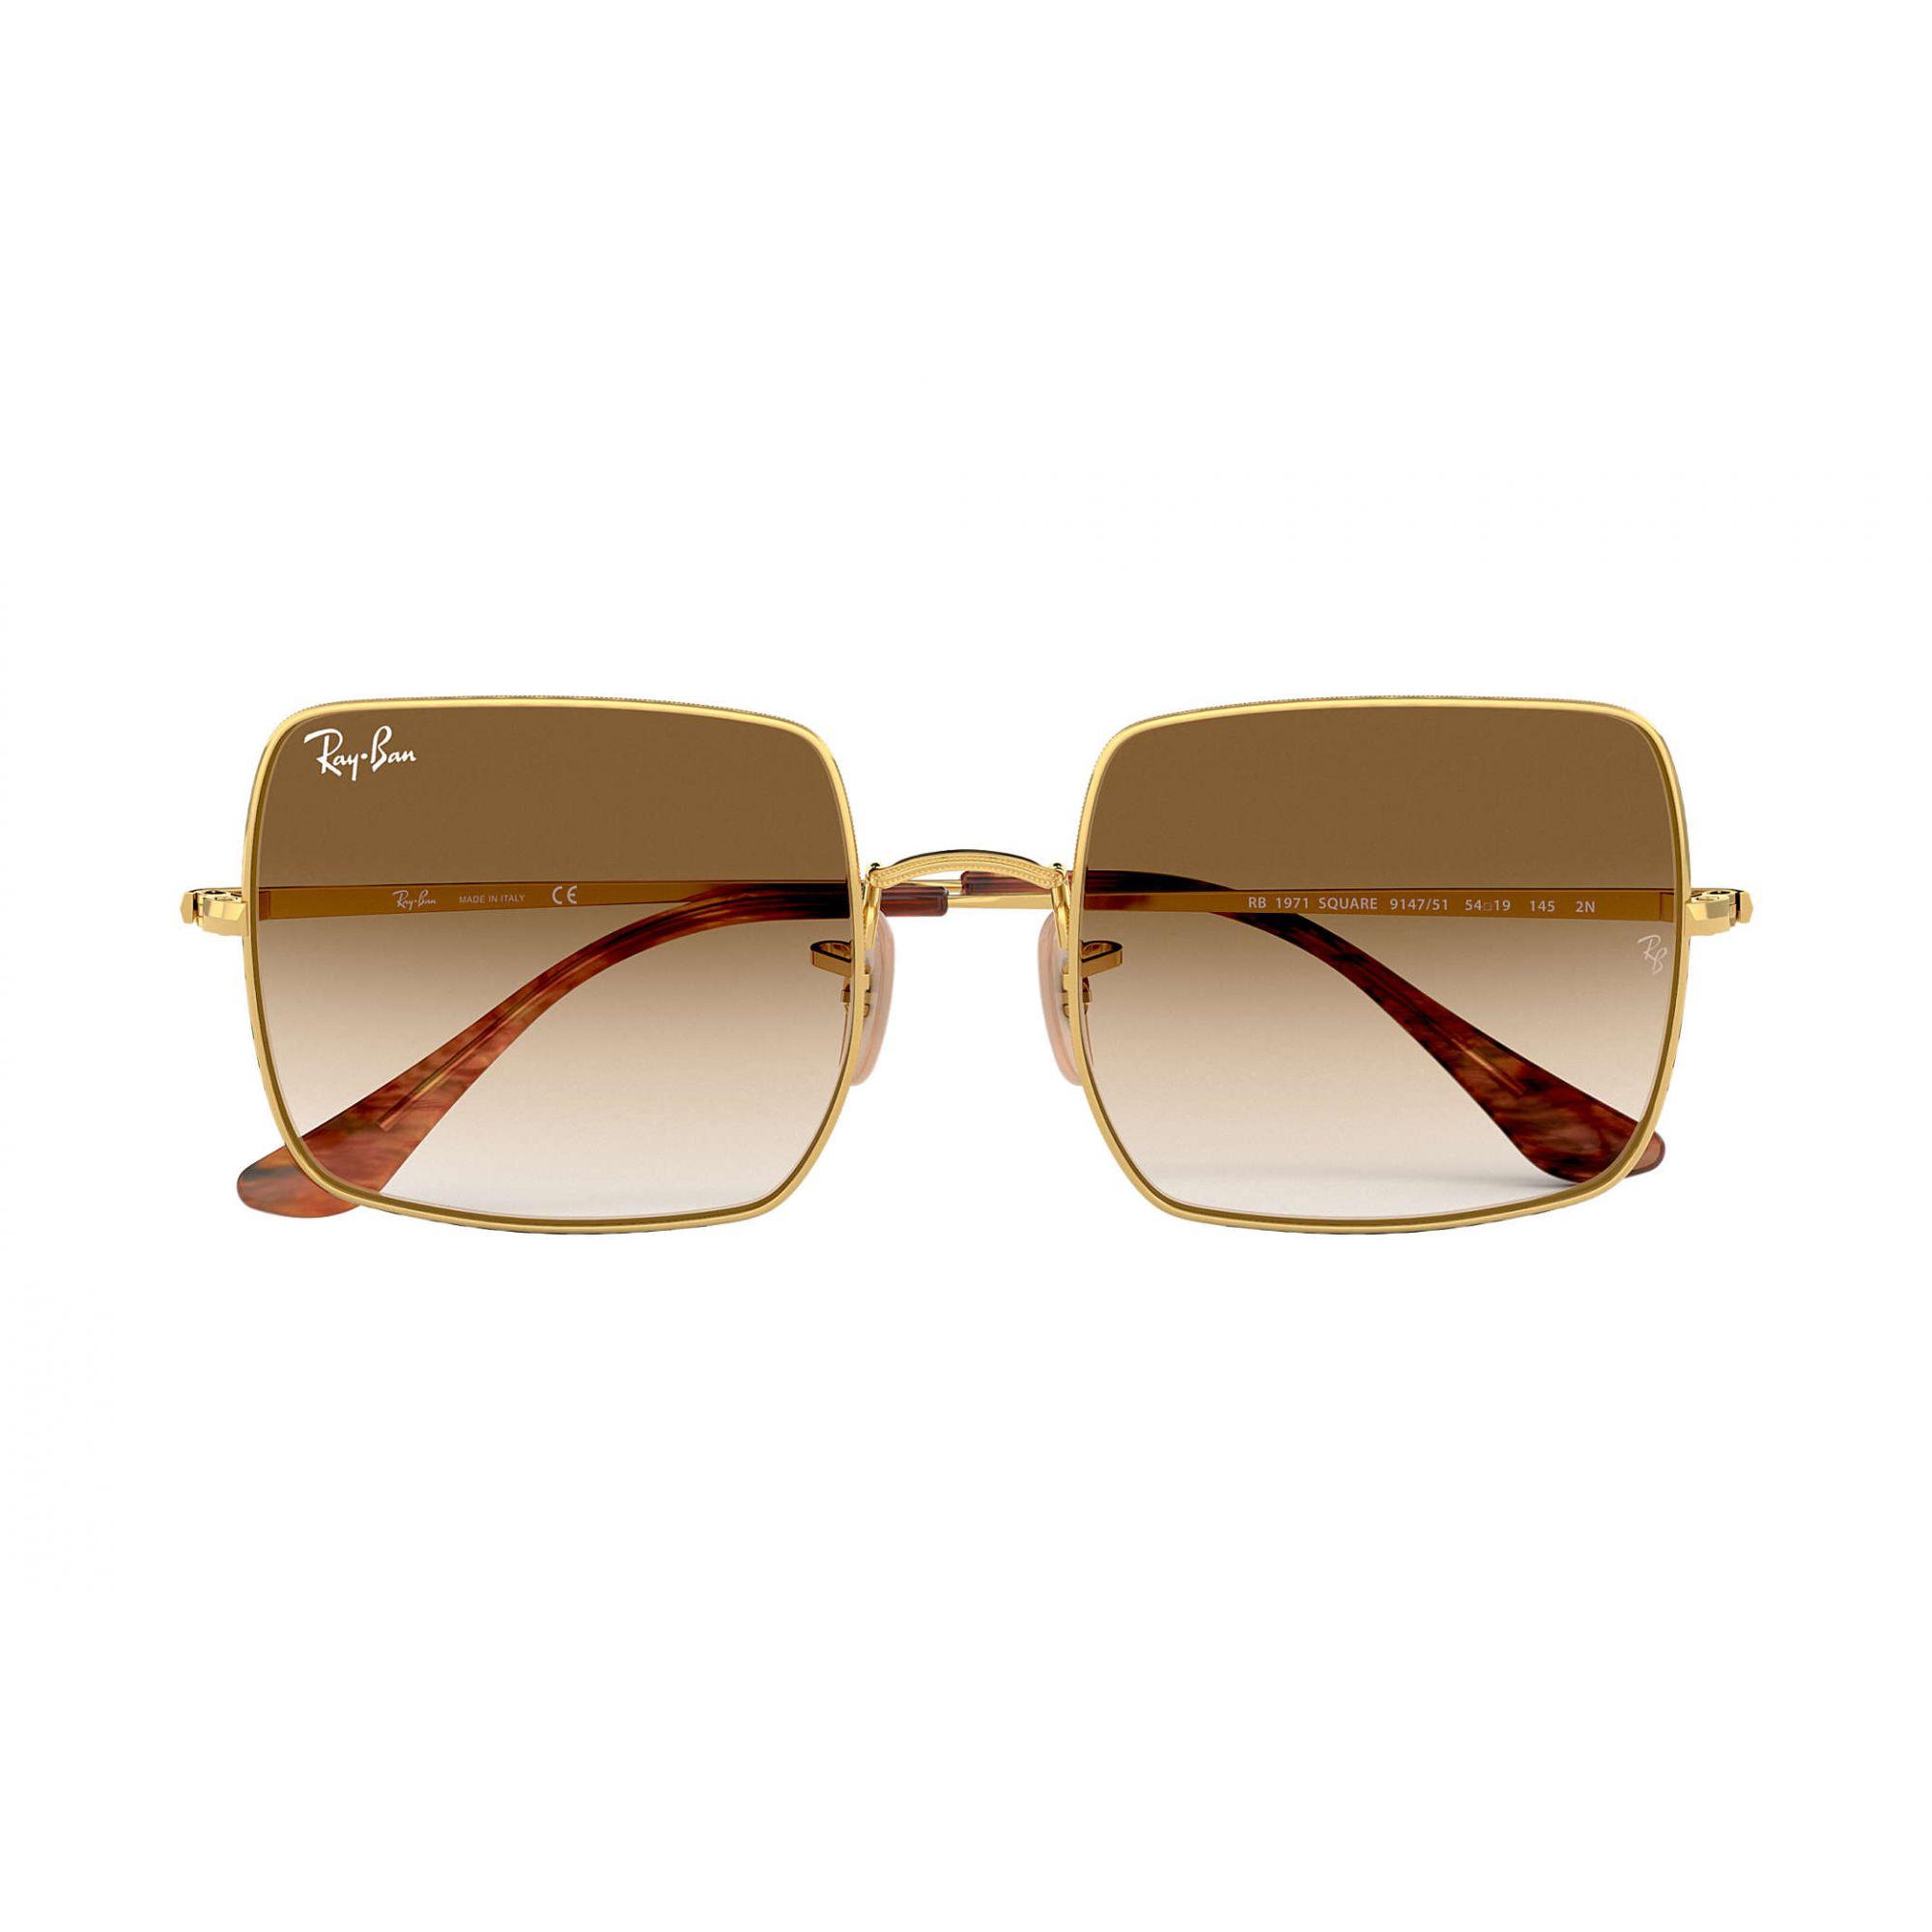 Ray Ban - RB1971 914751 - Óculos de sol